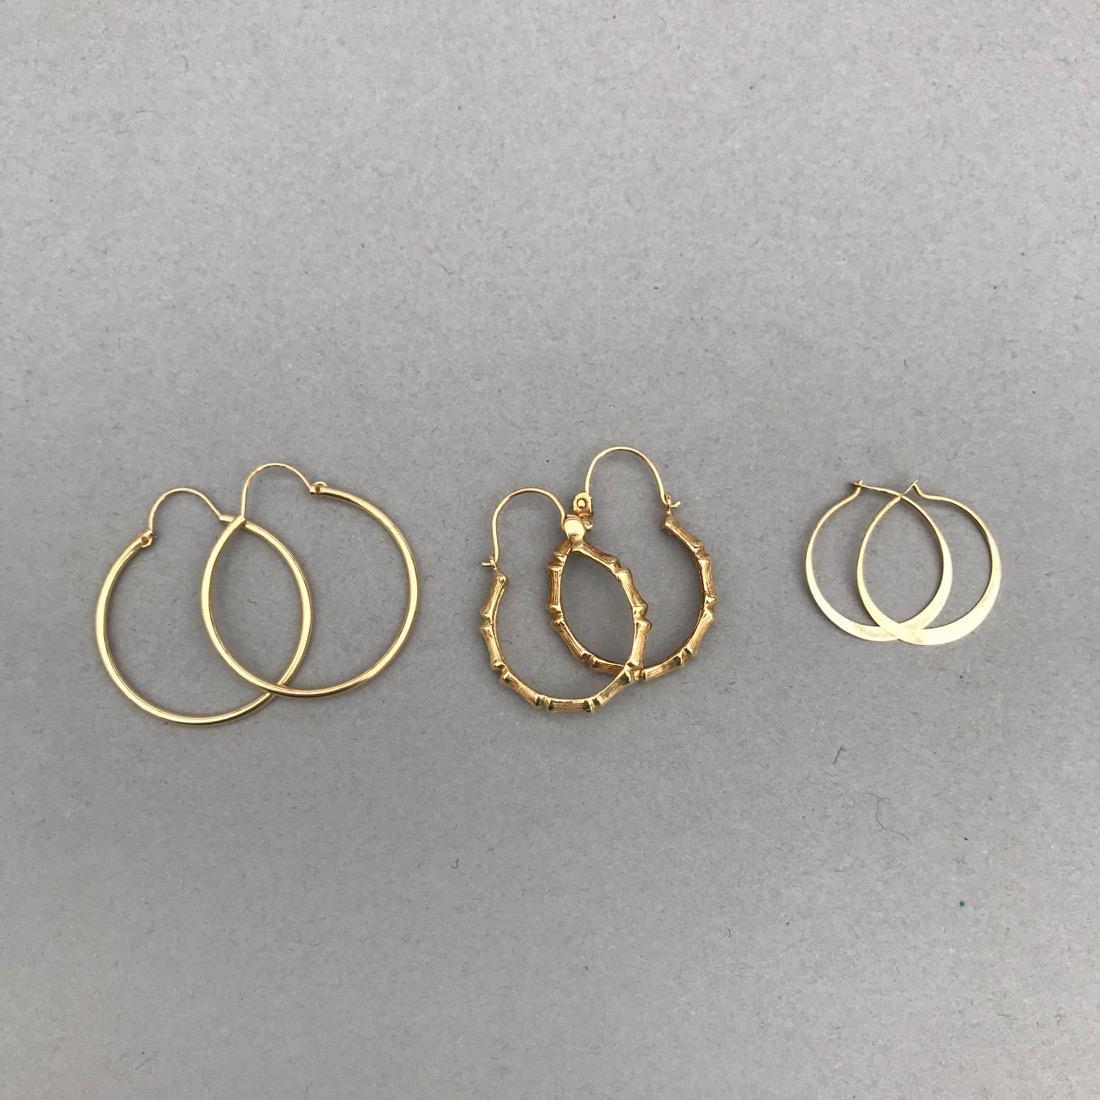 3 Pairs 14K Gold Hoop Earrings